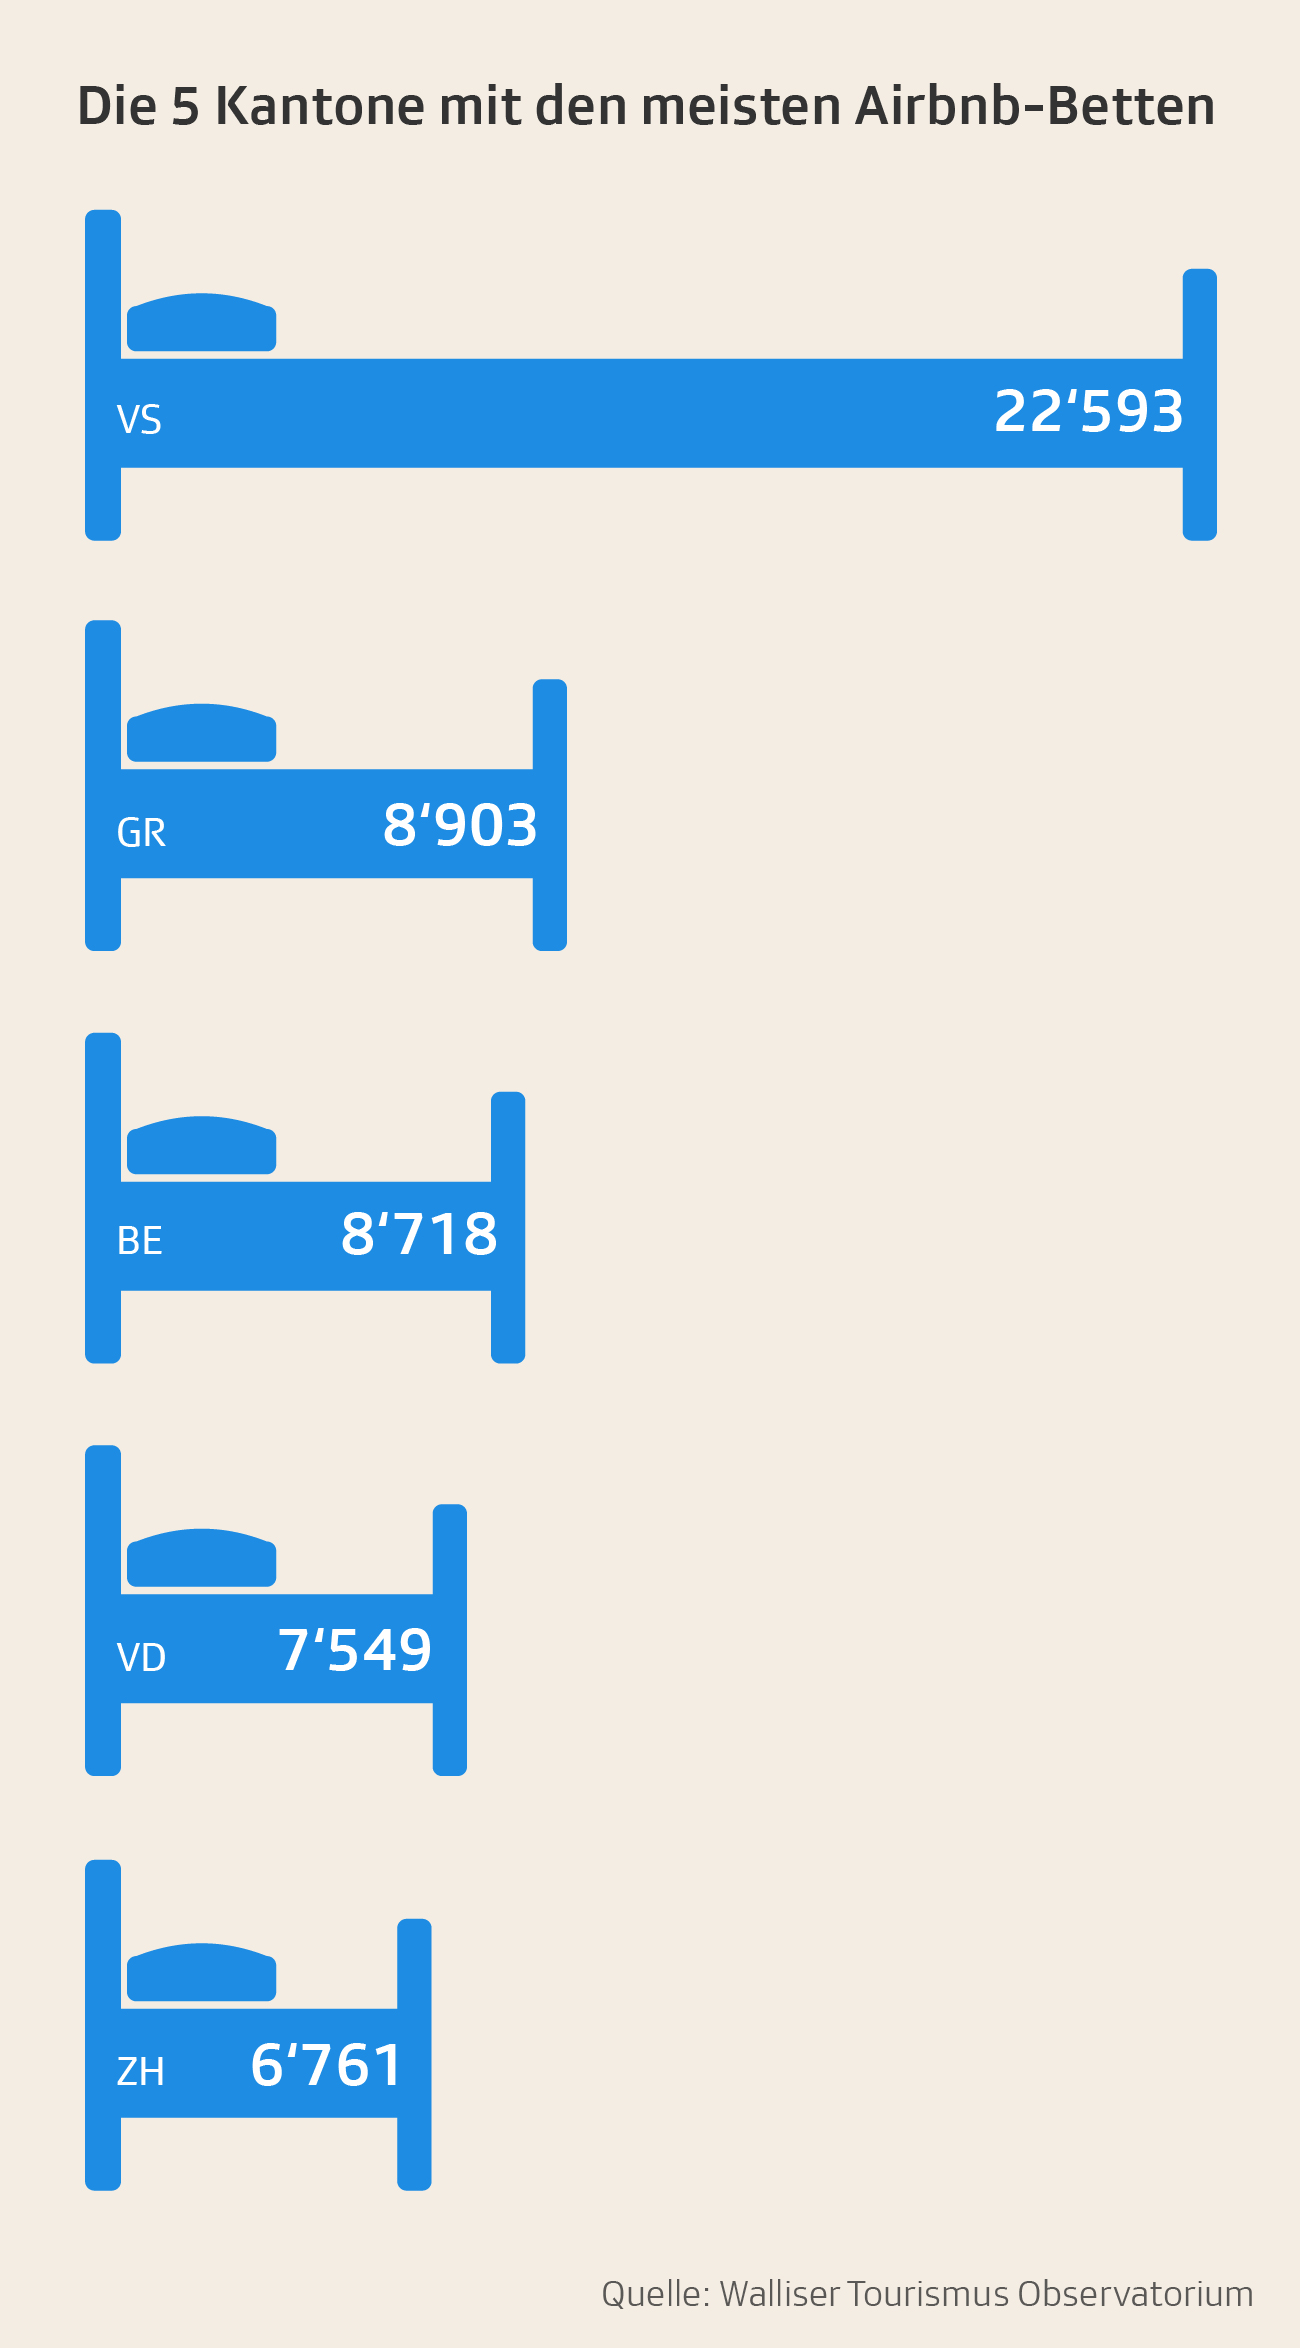 Kantone mit den meisten Airbnb Betten